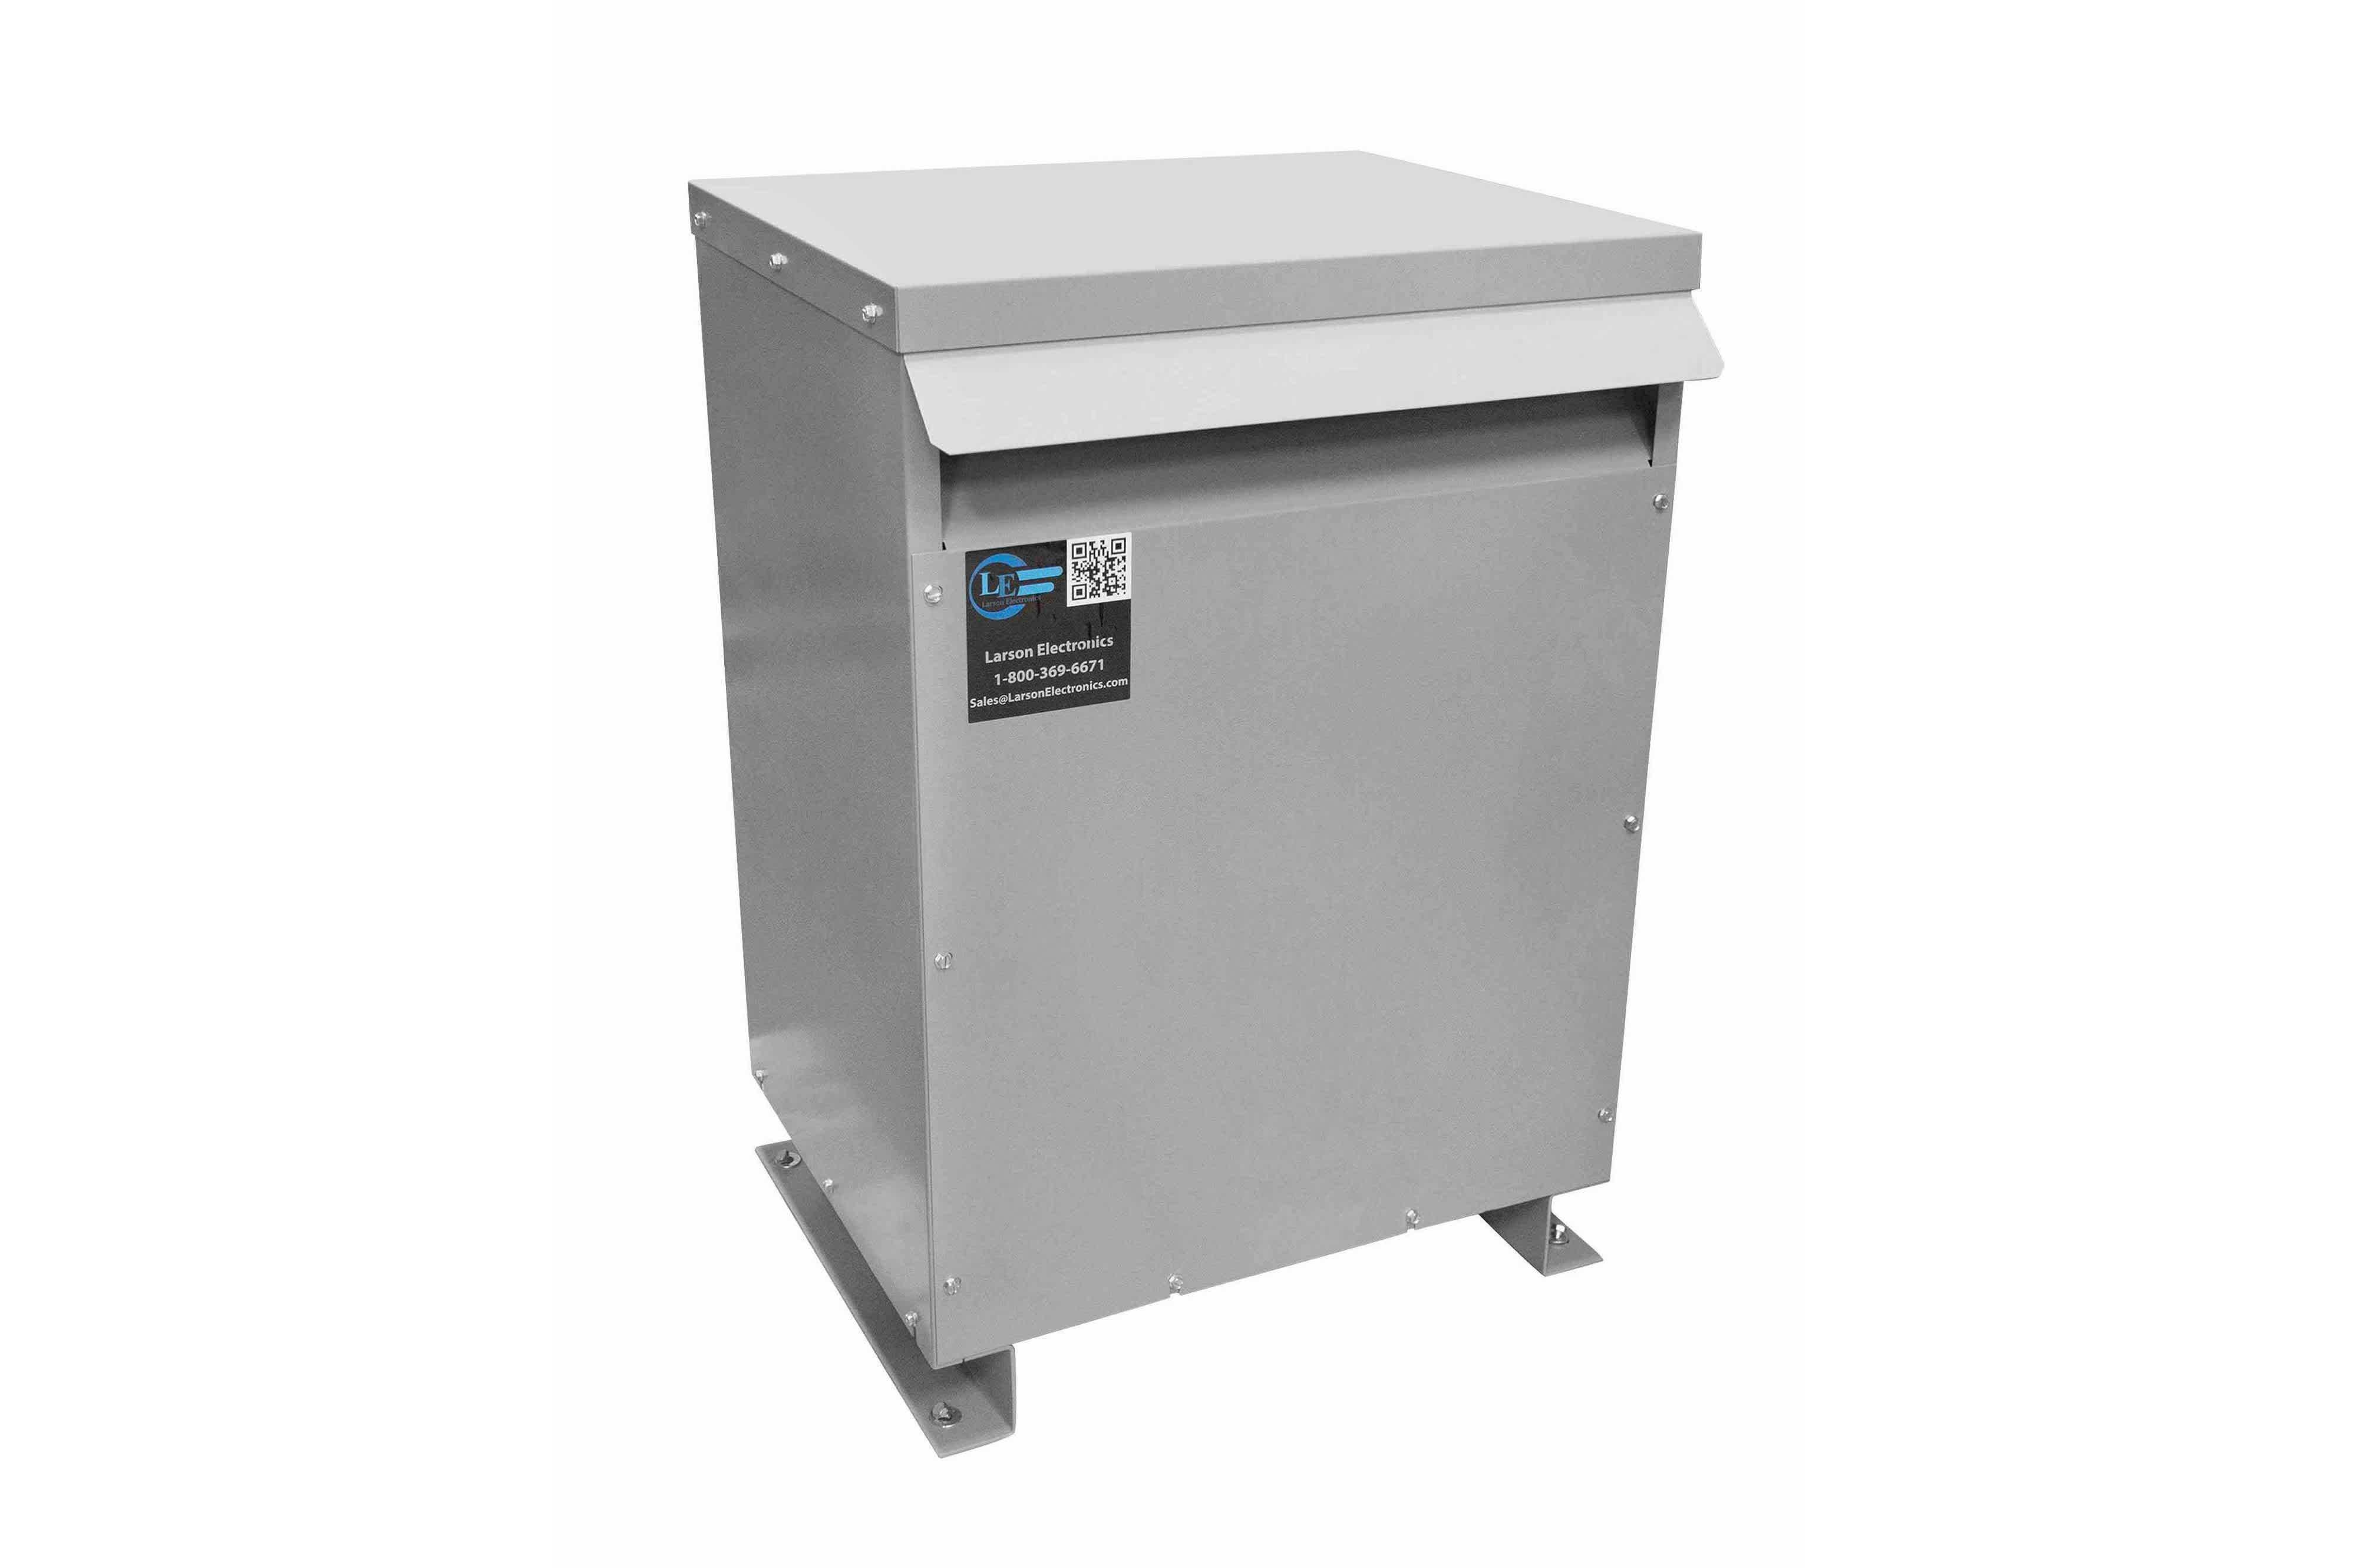 40 kVA 3PH Isolation Transformer, 440V Delta Primary, 208V Delta Secondary, N3R, Ventilated, 60 Hz